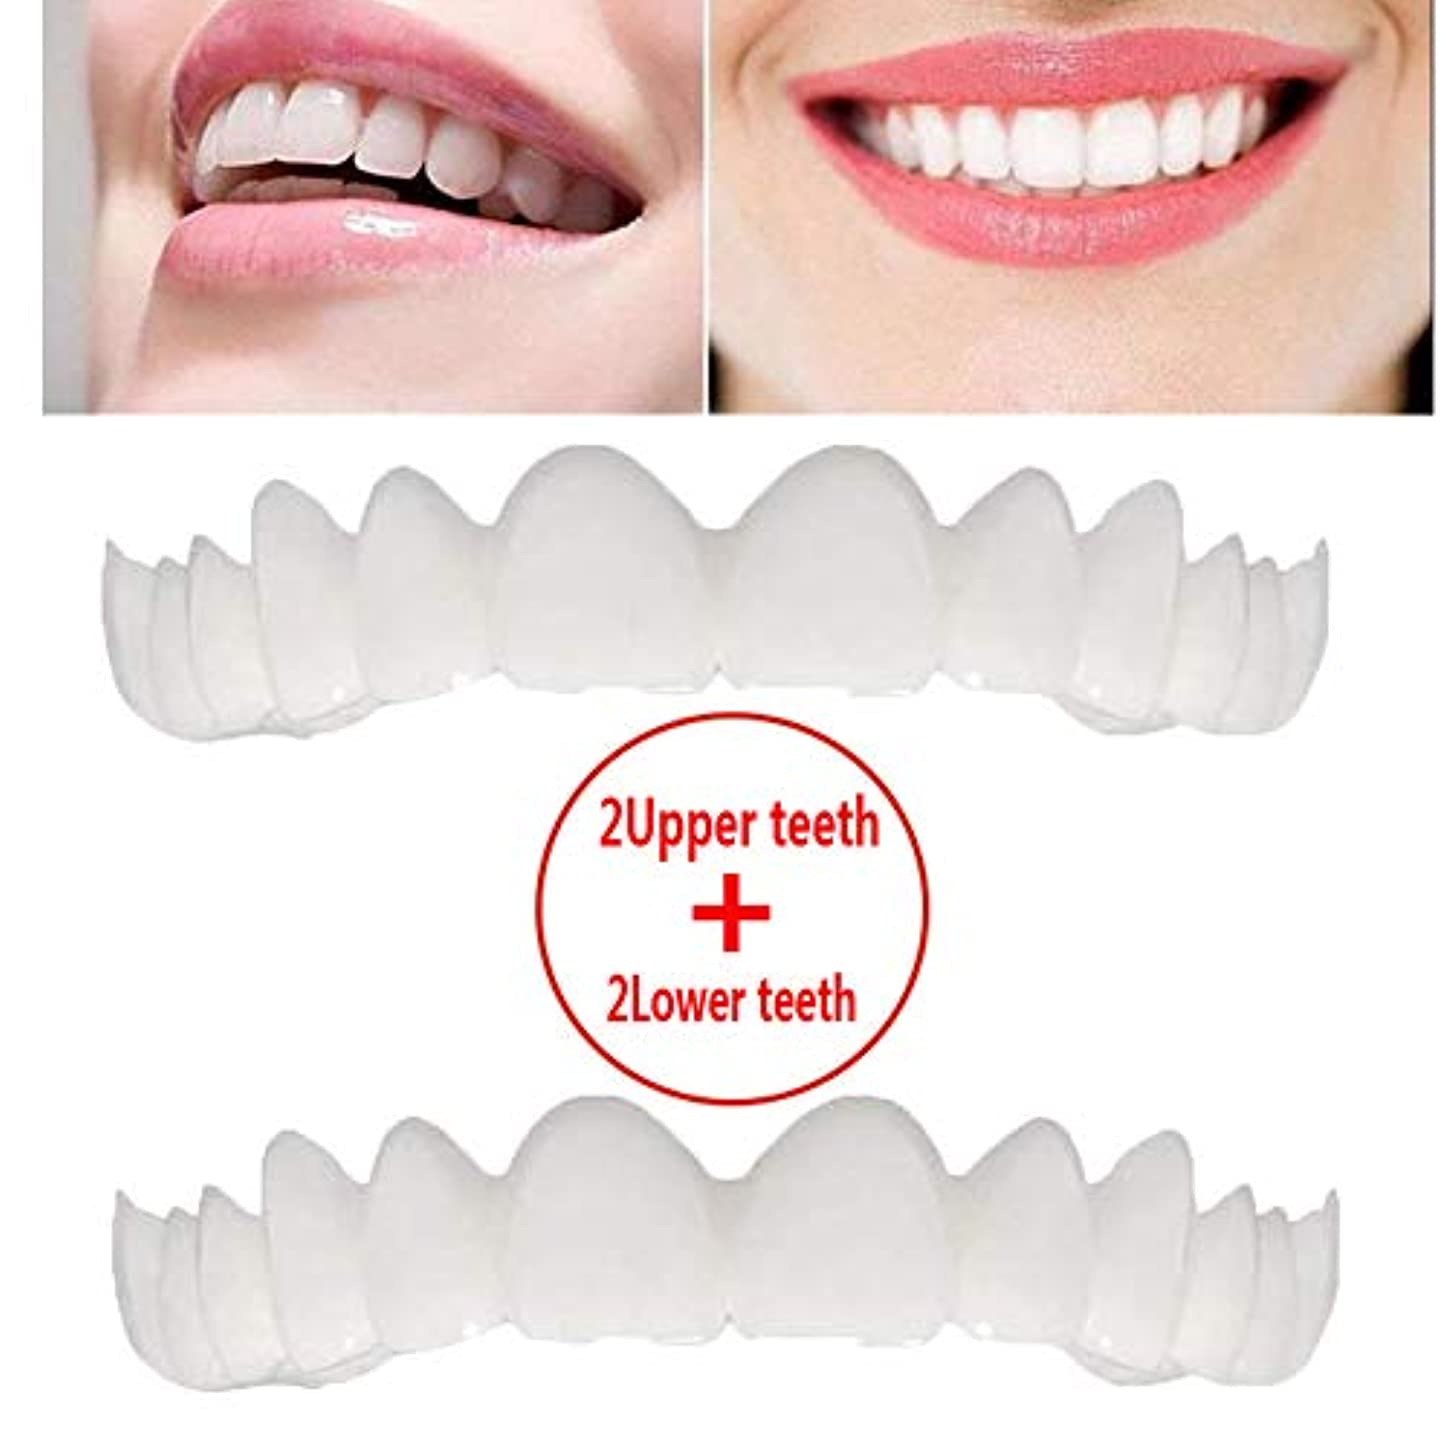 受付仕える手段2組の一時的な化粧品の歯の義歯の歯の化粧品の模倣されたブレース上部のブレース+下部のブレース